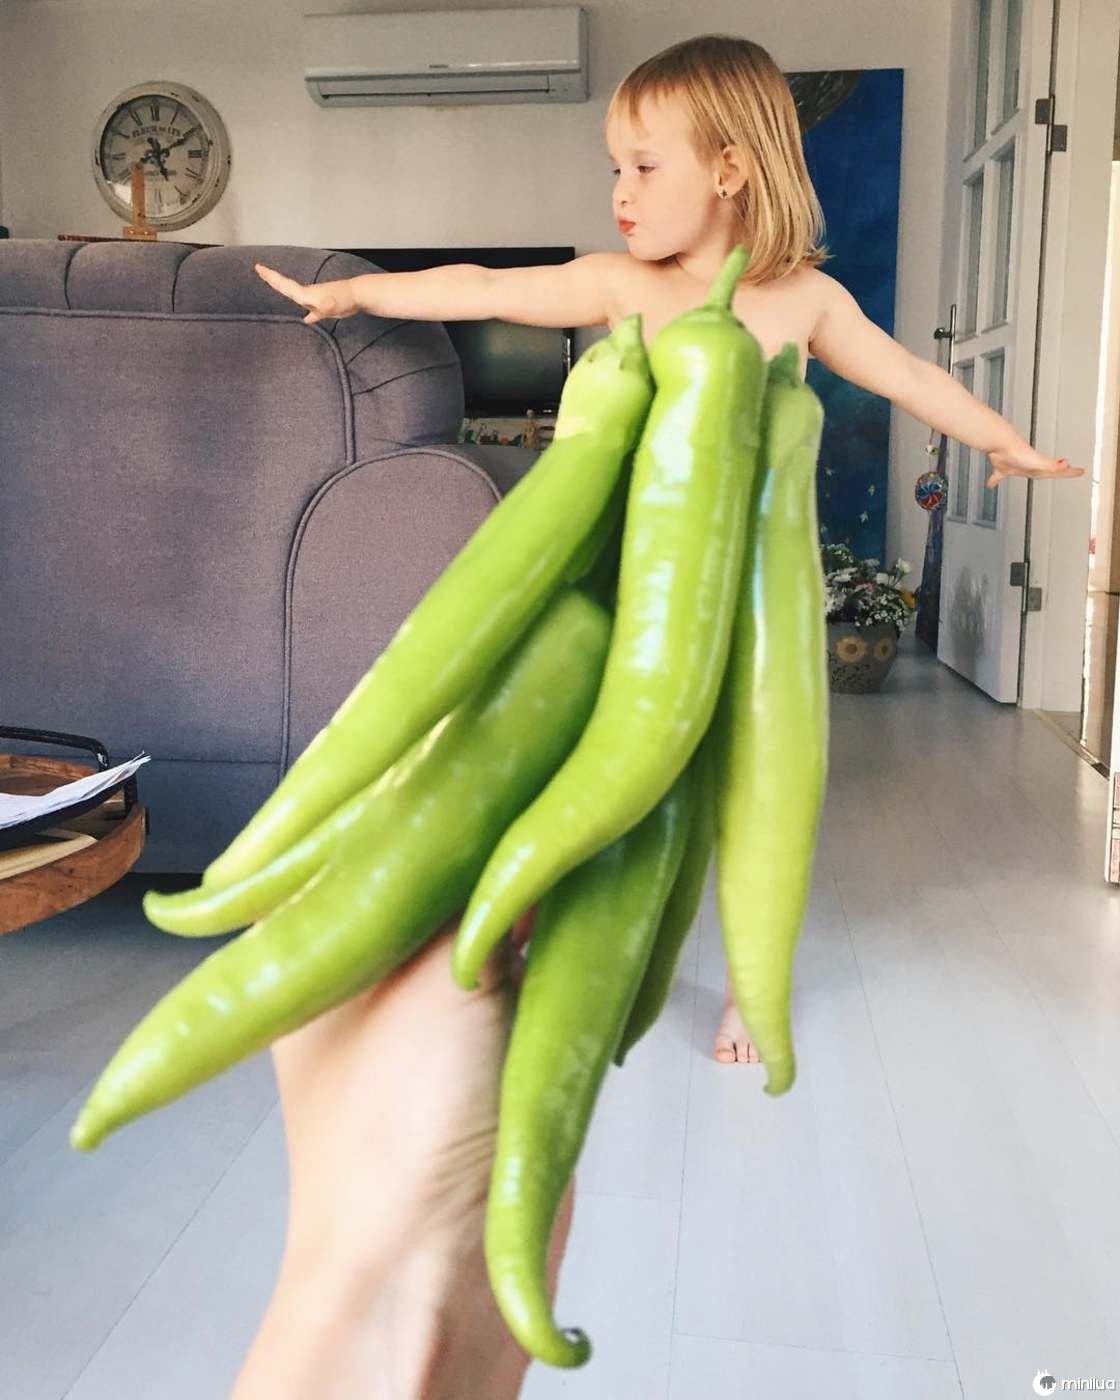 Mãe e Filha De 3 Anos Fazem Sucesso No Instagram Com Os Seus Criativos Vestidos 5